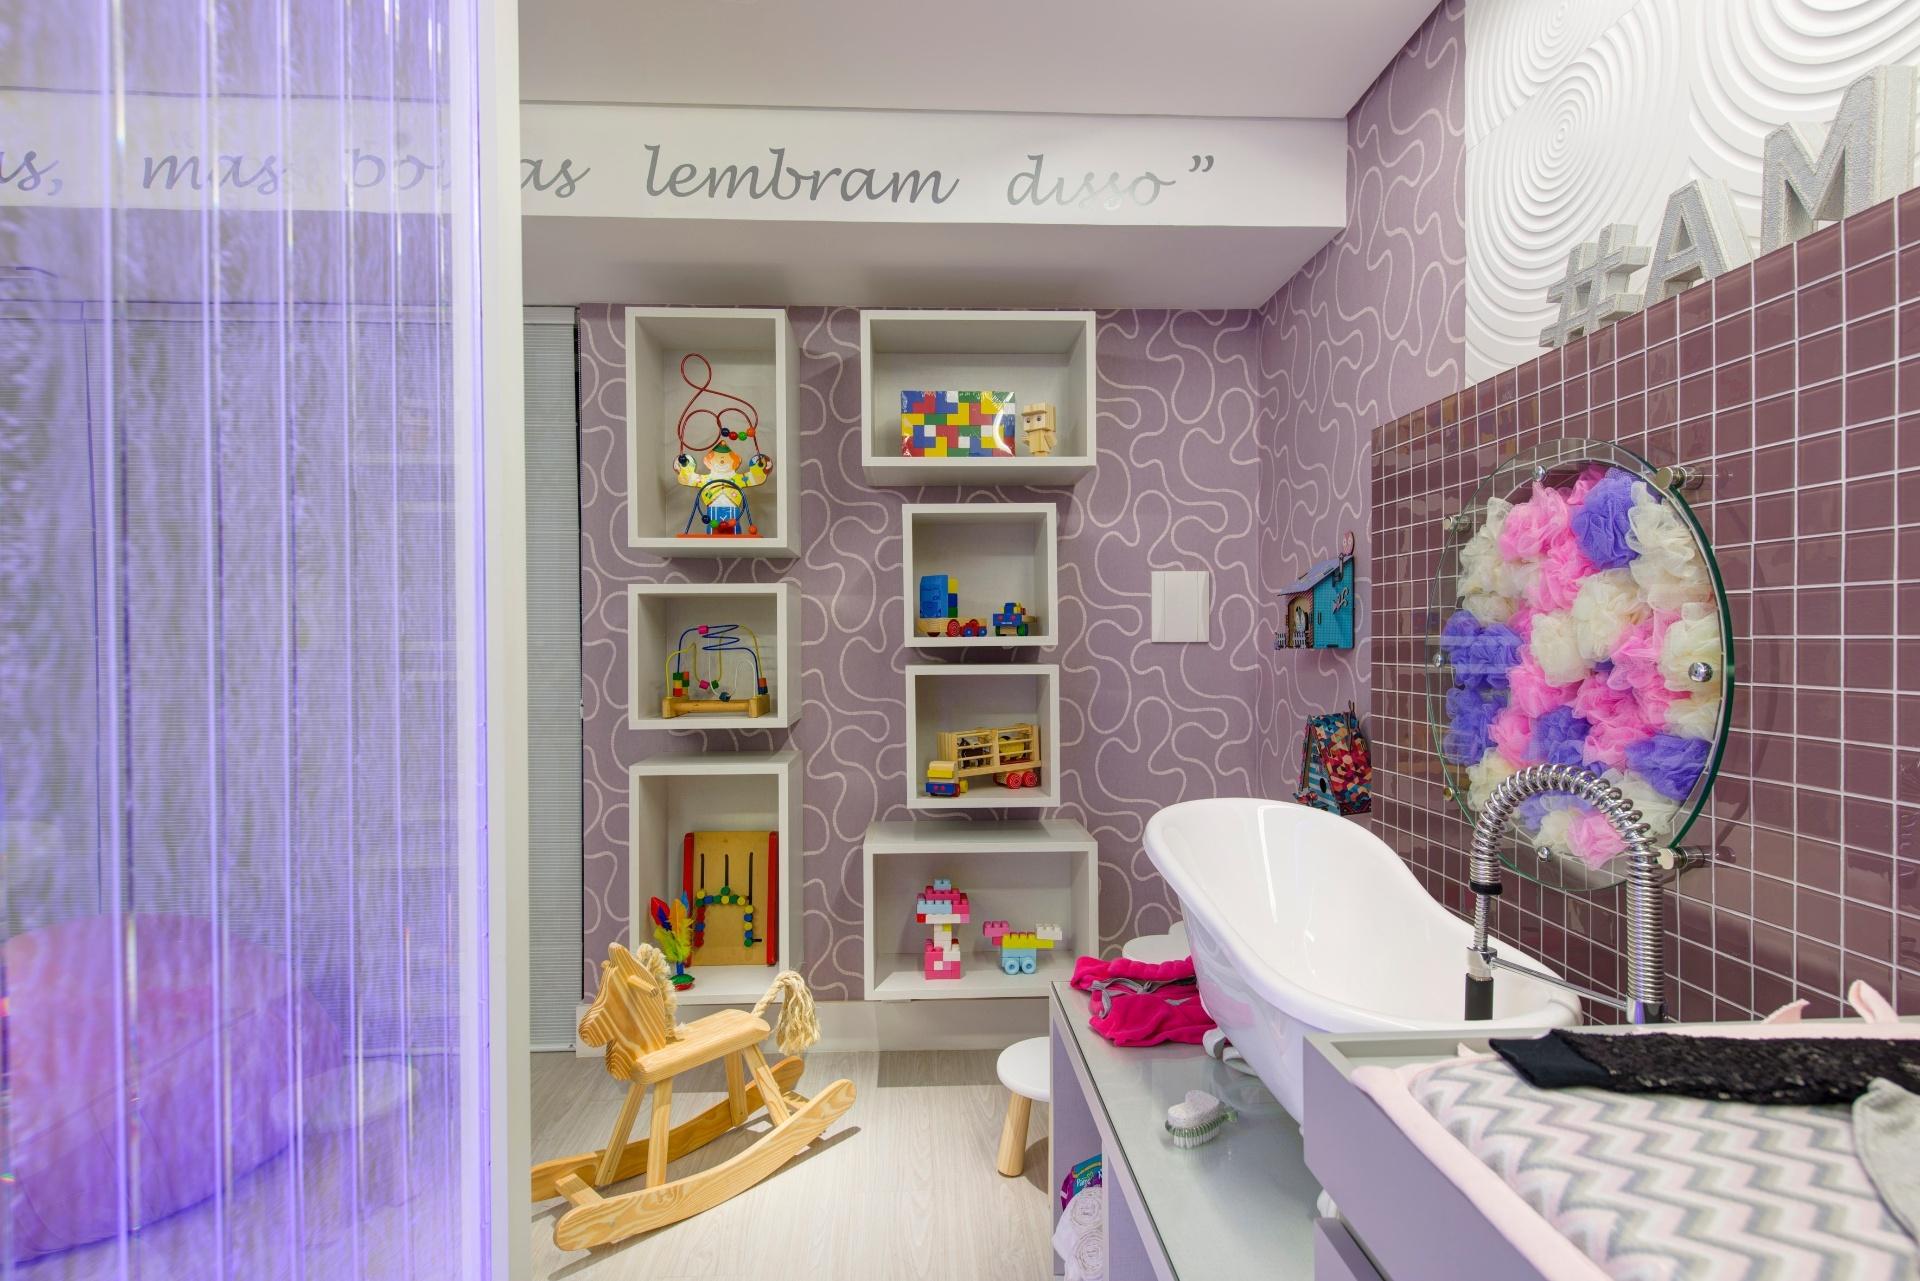 A área de banho do Quarto do Bebê, criado por Raquel Kabbani, tem nichos na parede que recebem os brinquedos da criança. Destaque também para a estrutura de vidro (à dir.) recheada por esponjas de banho. A 28ª edição da Casa Cor SP apresenta 79 ambientes até dia 20 de julho de 2014, no Jockey Club de São Paulo, na Av. Lineu de Paula Machado, 1173. Outras informações: www.casacor.com.br